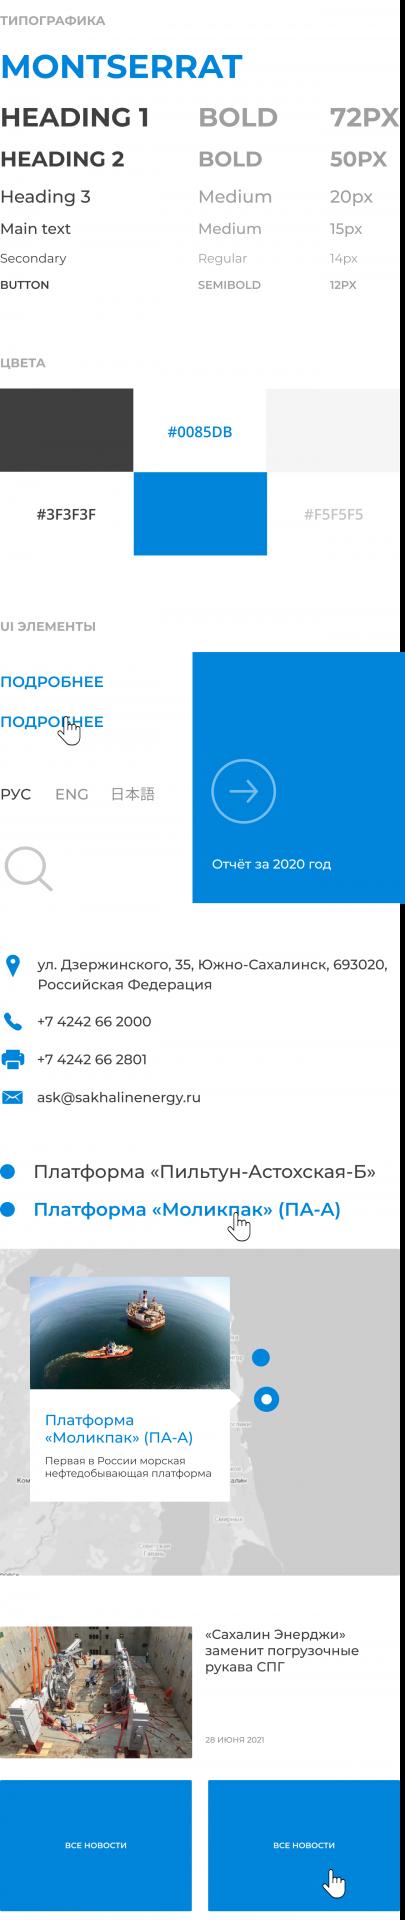 Редизайн главной страницы сайта нефтегазовой компании «Сахалин Энерджи» 5